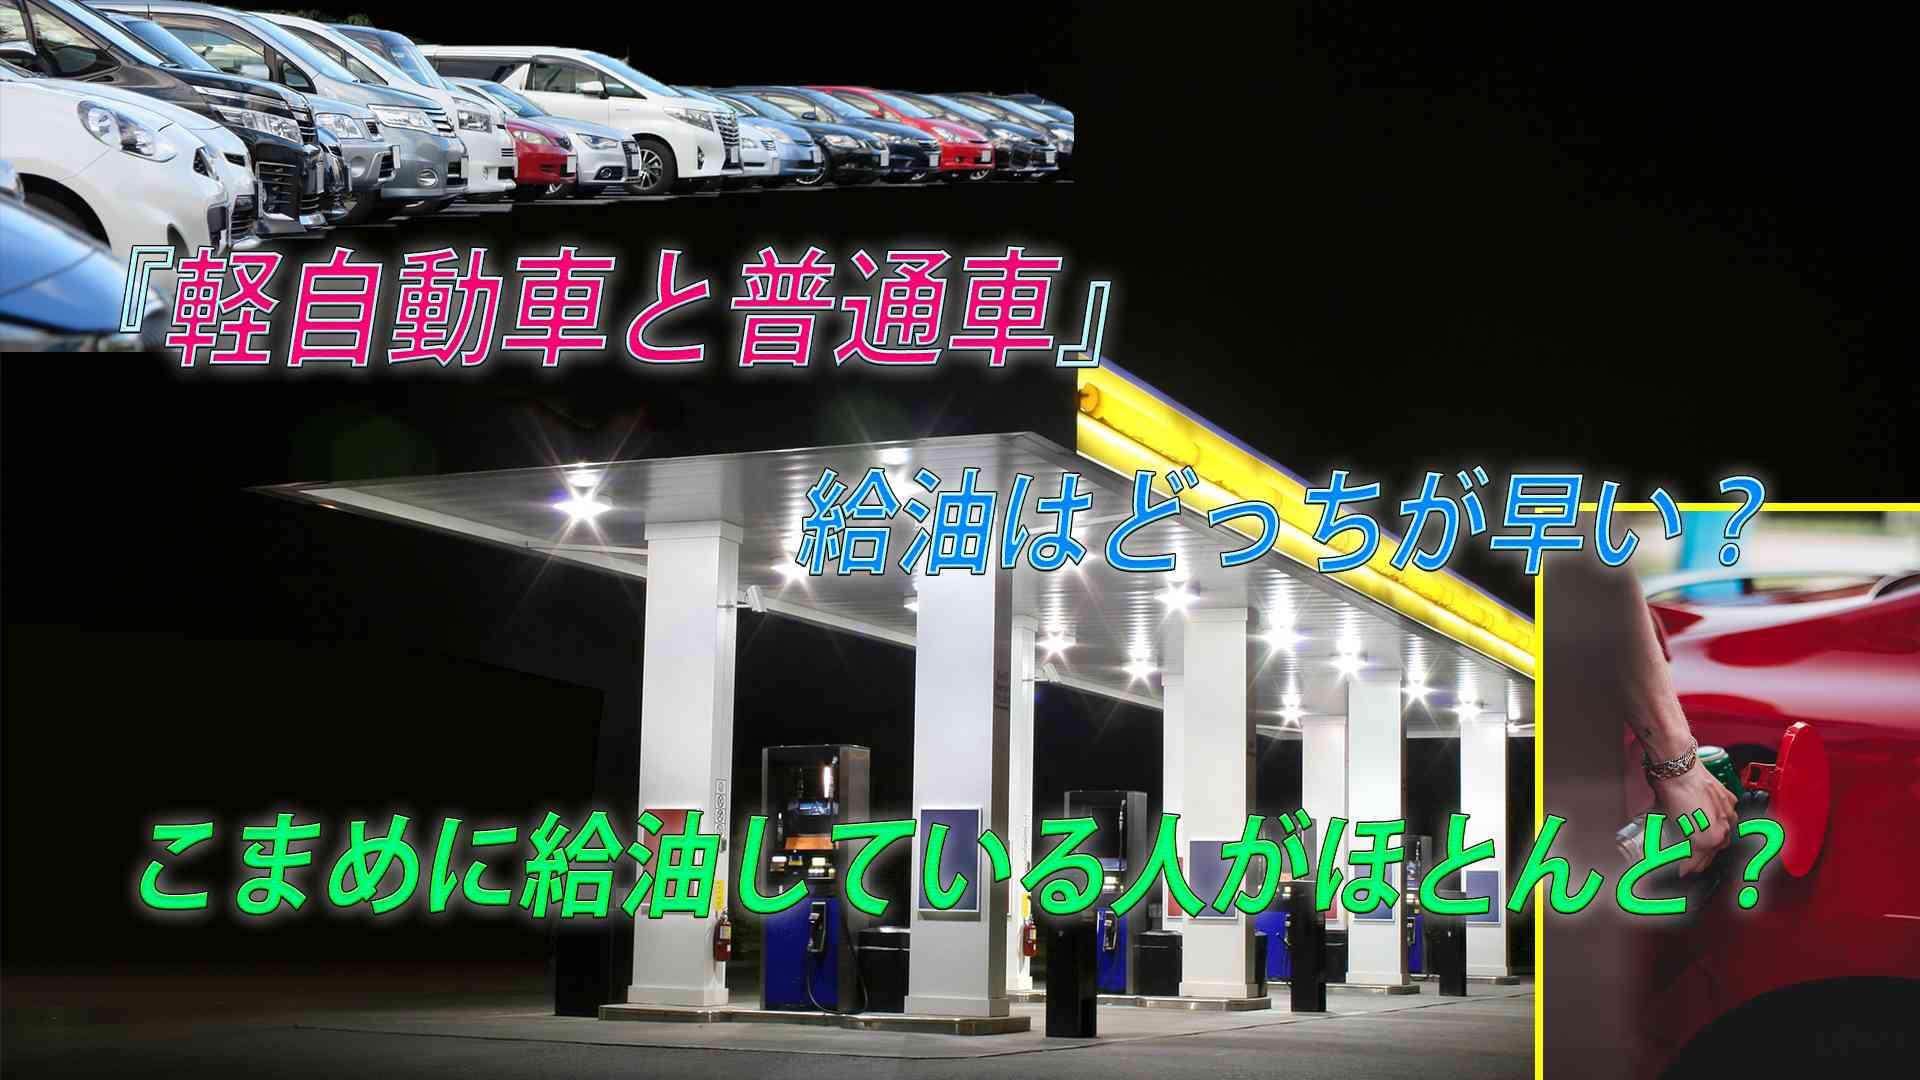 ガソスタで給油待ち!『軽自動車と普通車』給油はどっちが早い?